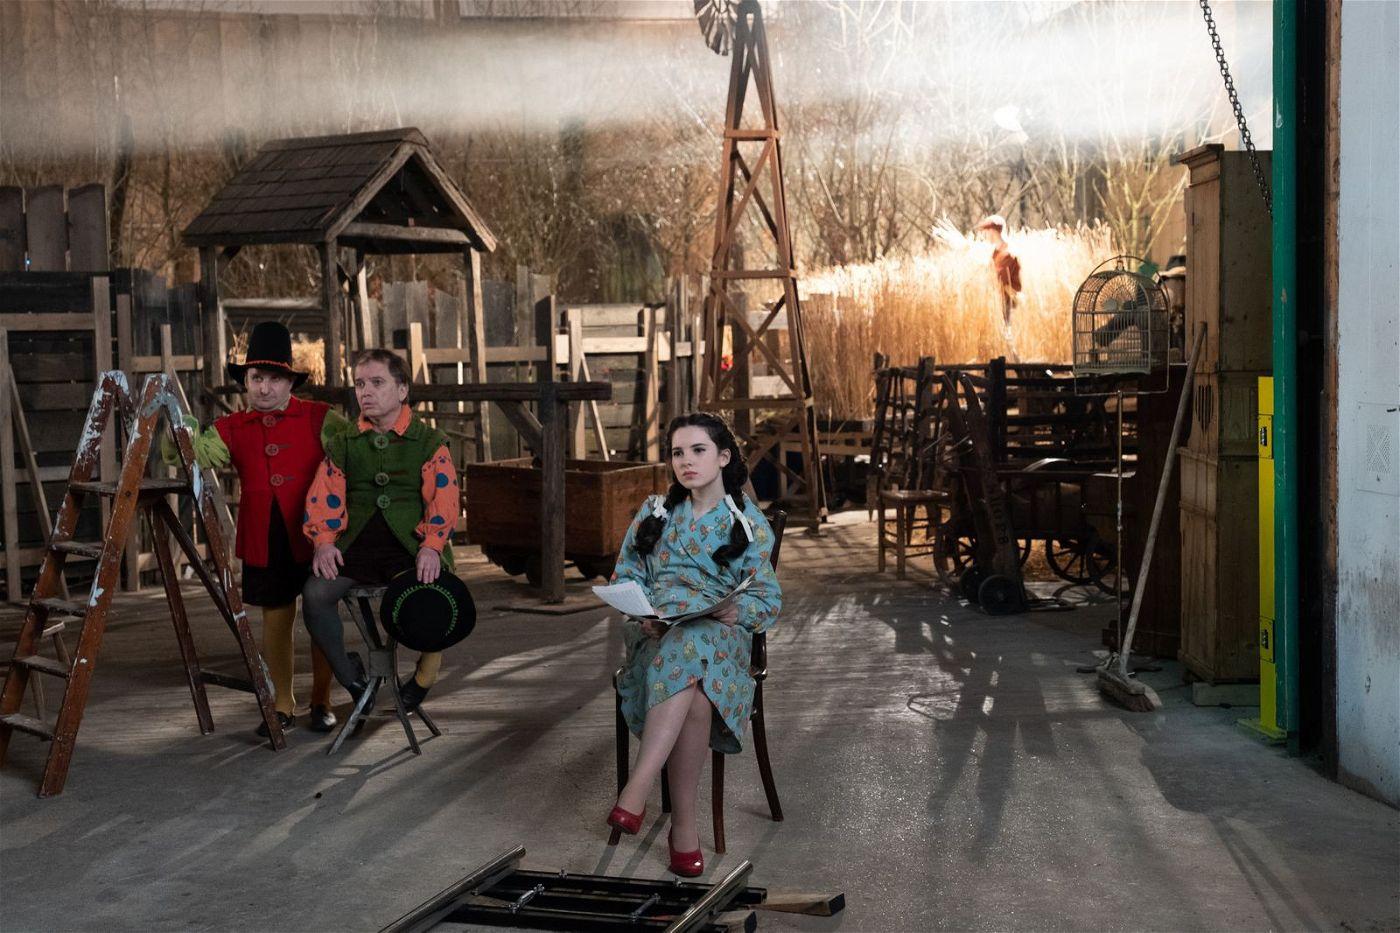 """Mit """"Der Zauberer von Oz"""" fing für Judy Garland (Darci Shaw) eine Karriere voller Höhen, Abstürze und Comebacks an."""